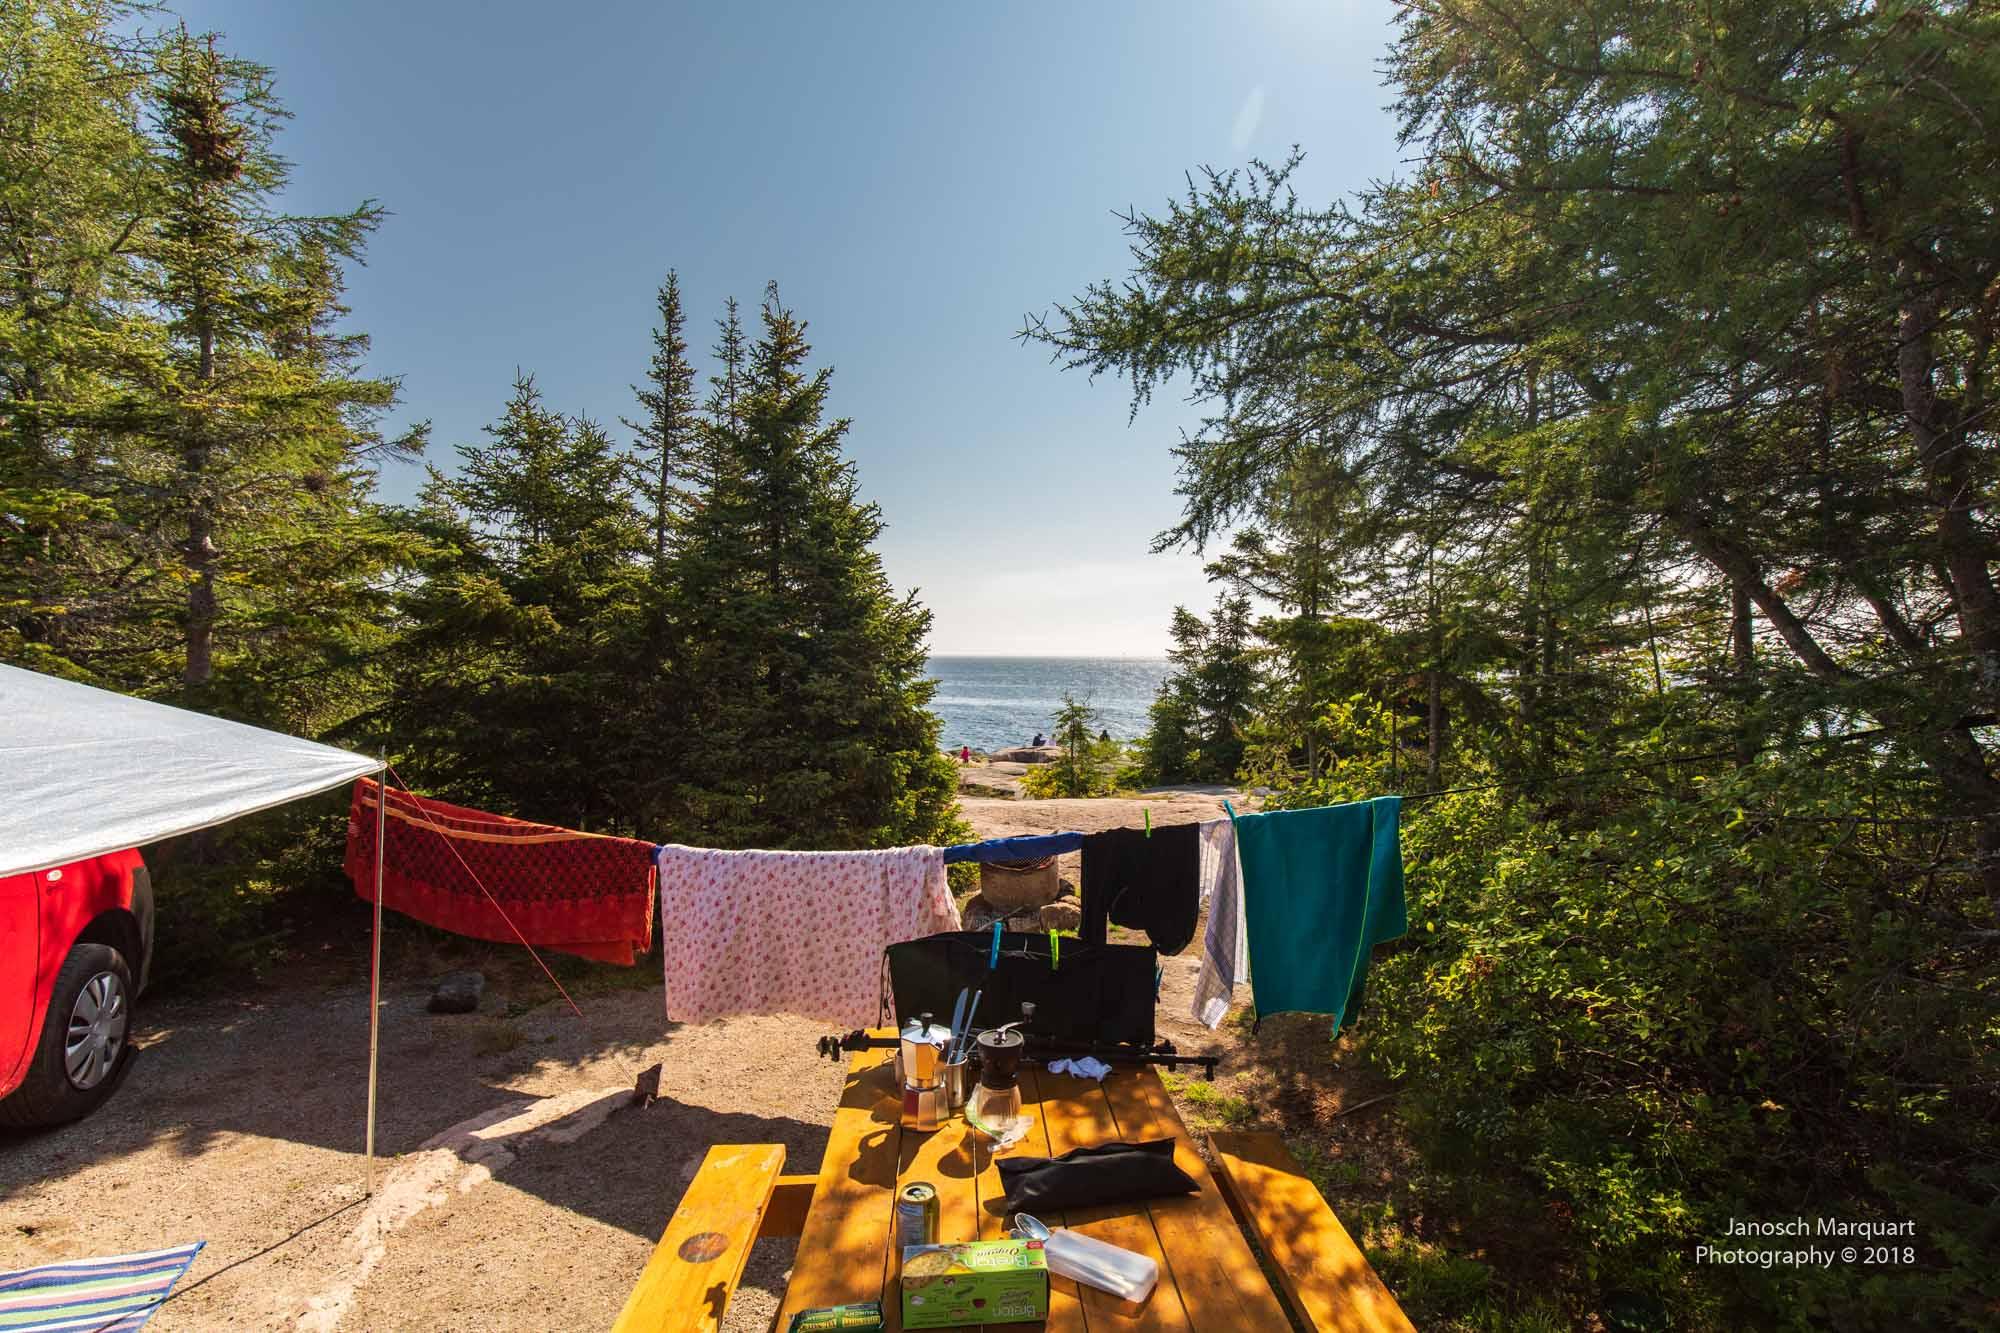 Foto von einem Campintplatz aufs offene Meer.